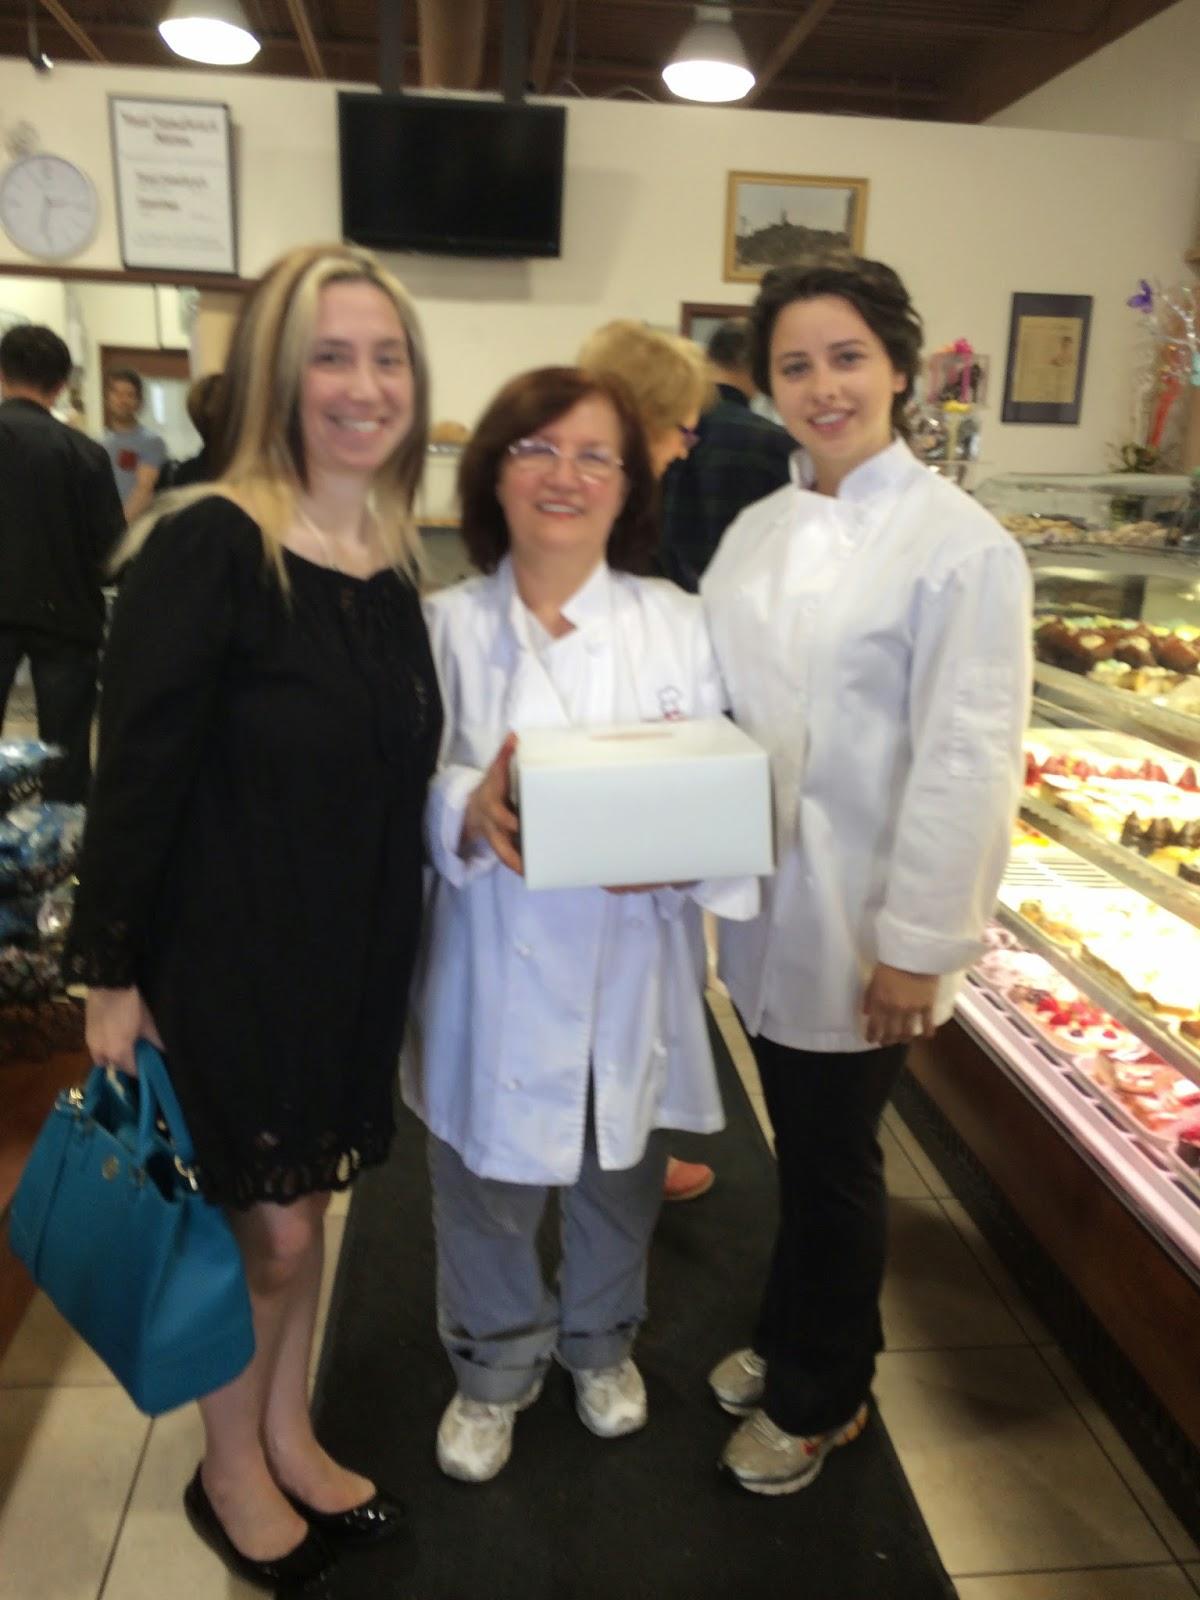 Signature Cakes - Celebrity Cake Studio